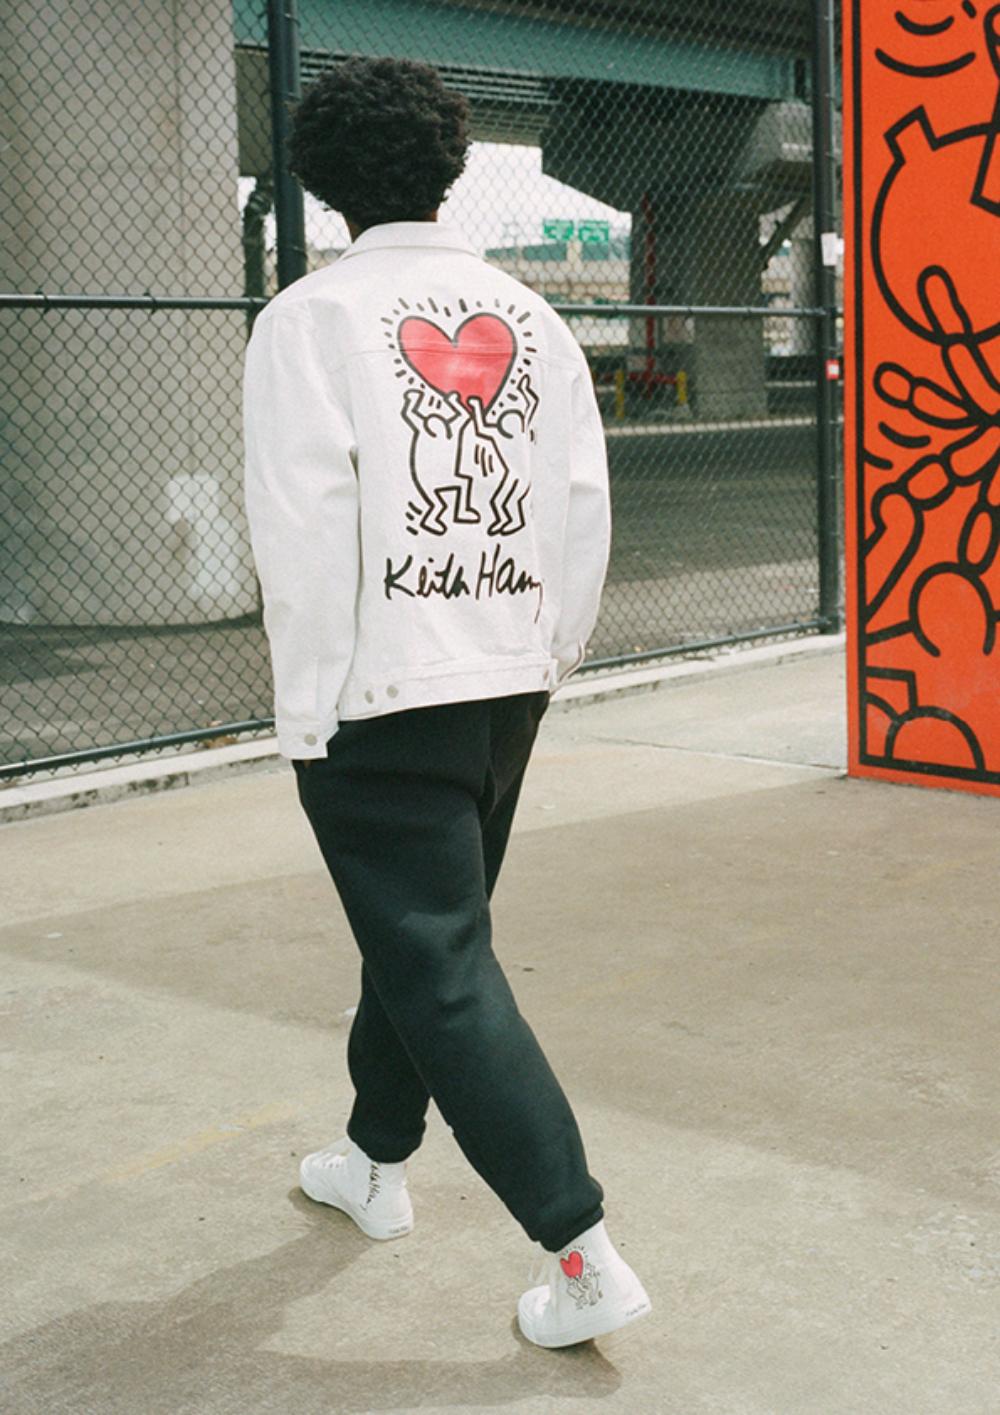 3243 Keith Haring Press A4 Portrait 72ppi 2 1 Pop art alert: H&M muška kolekcija sa printovima Kita Haringa